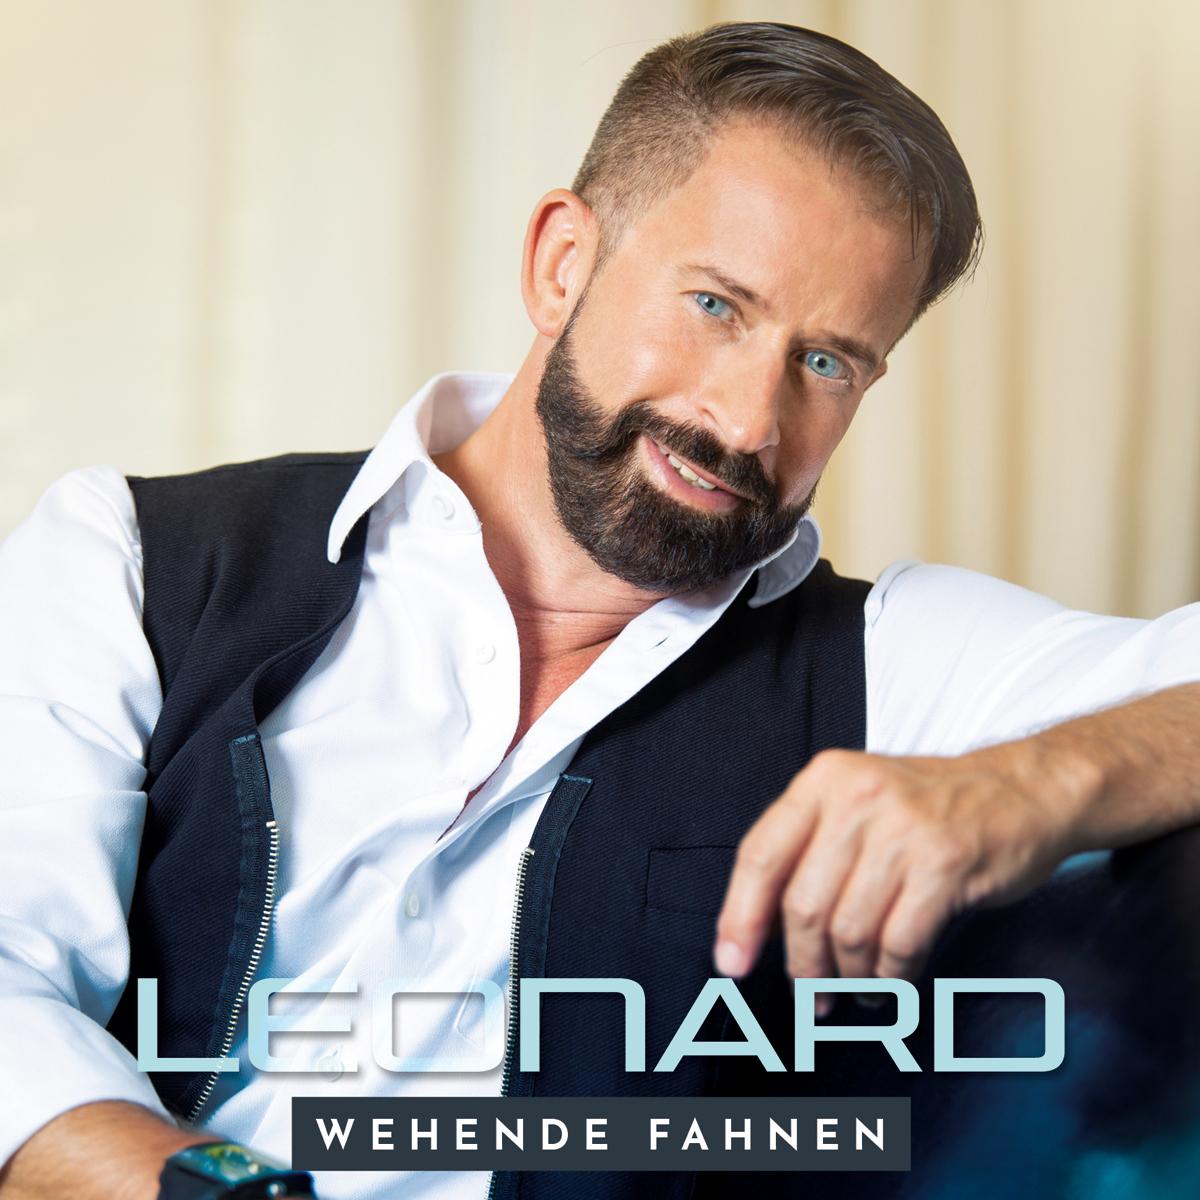 Lonard - Wehende Fahnen (2021)